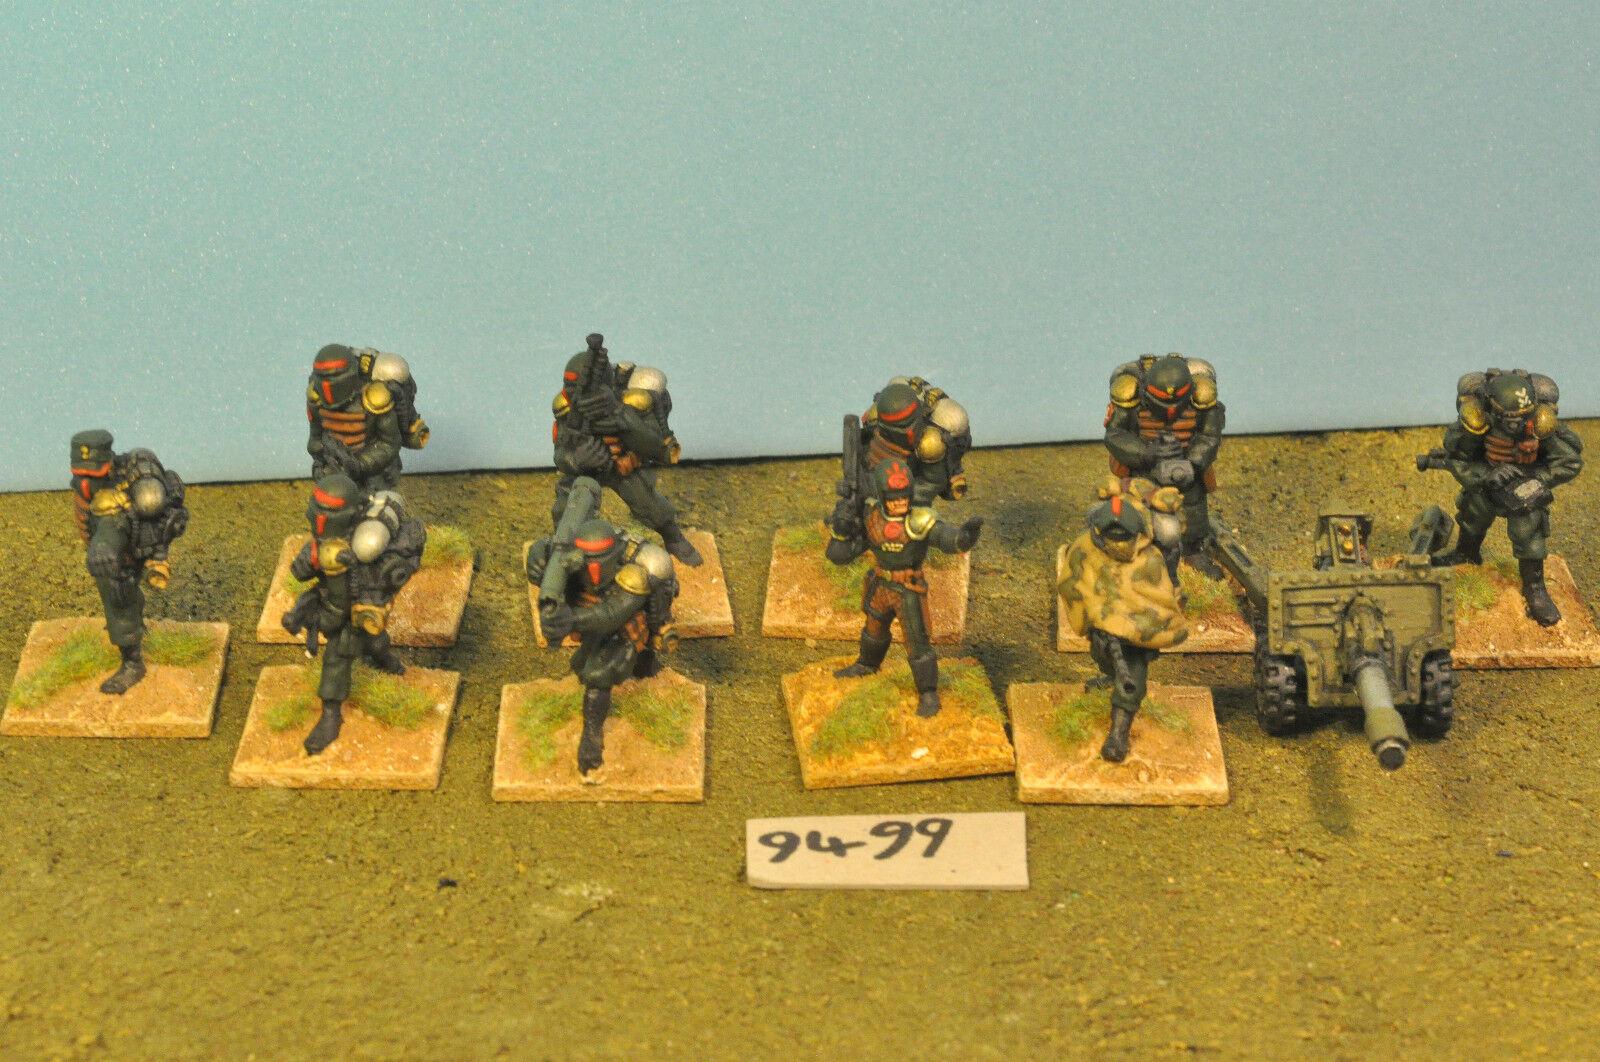 Guardia Imperiale Cadian 10 & Arma Pesante Mettuttio  (9499)  economico in alta qualità